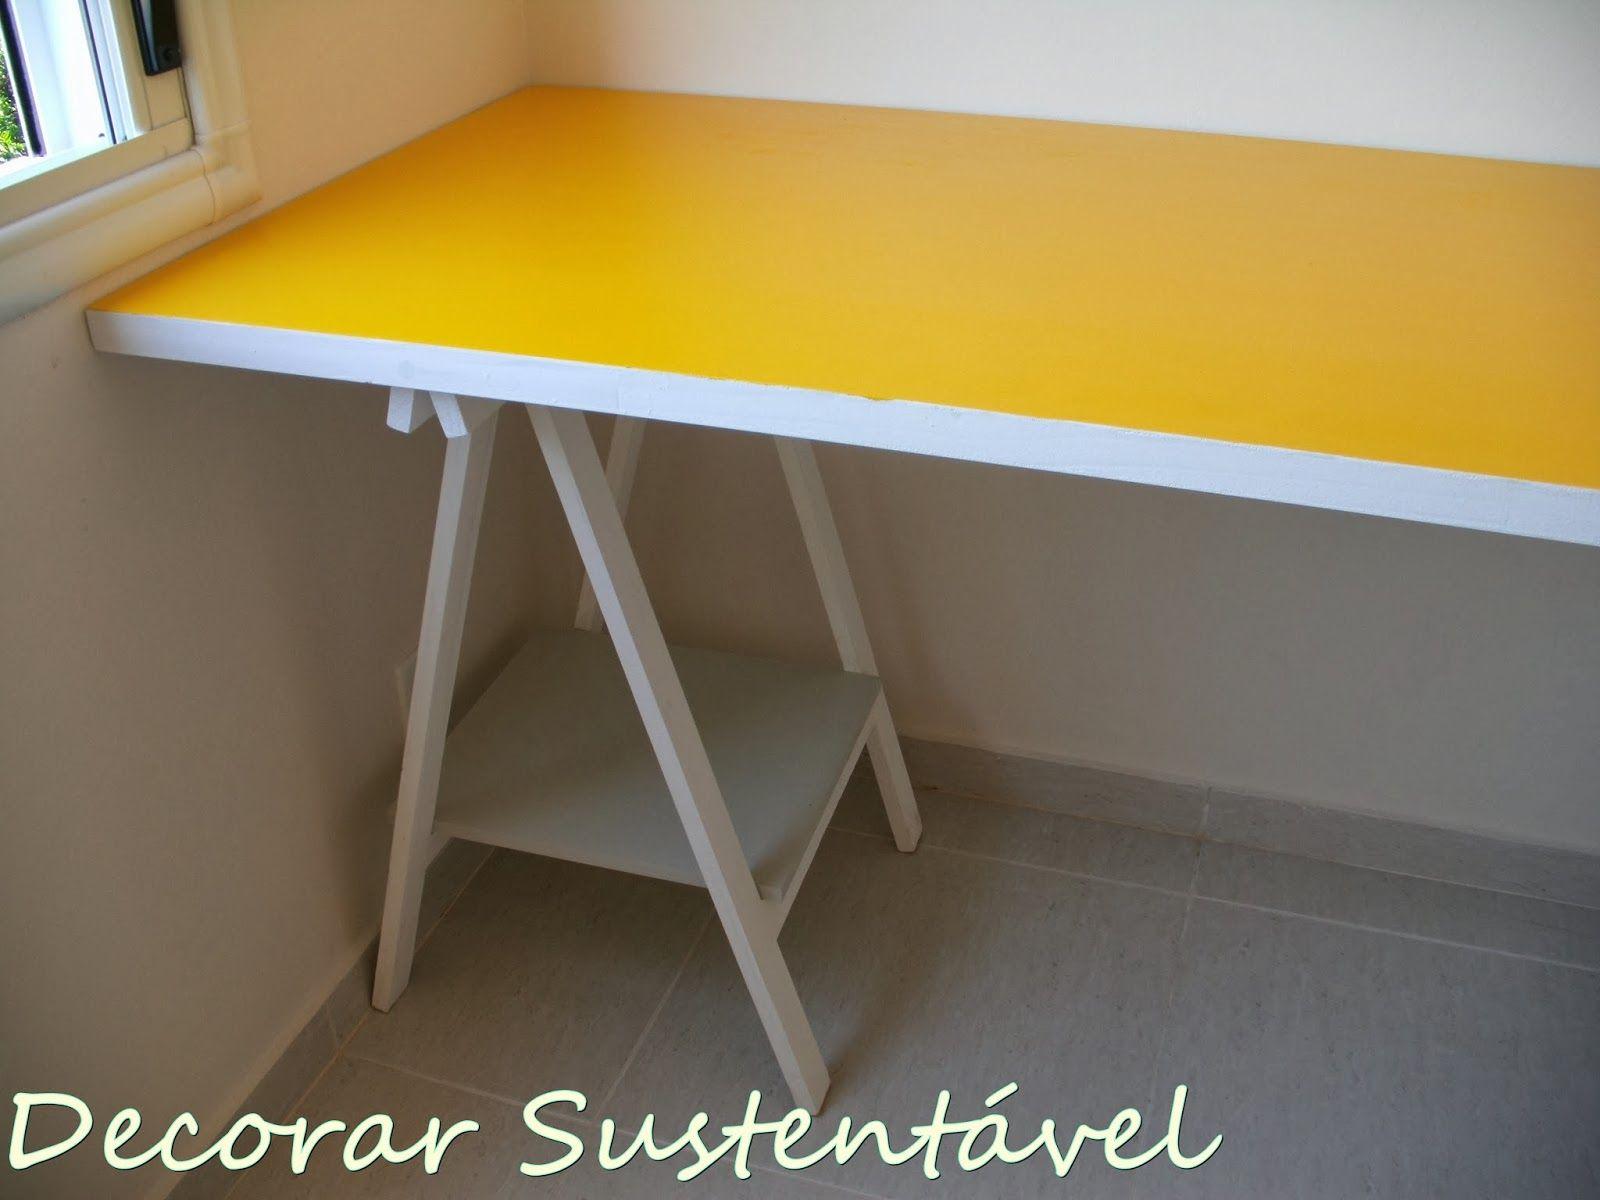 decorar sustentável: Home office feito com porta e cavaletes (editado)